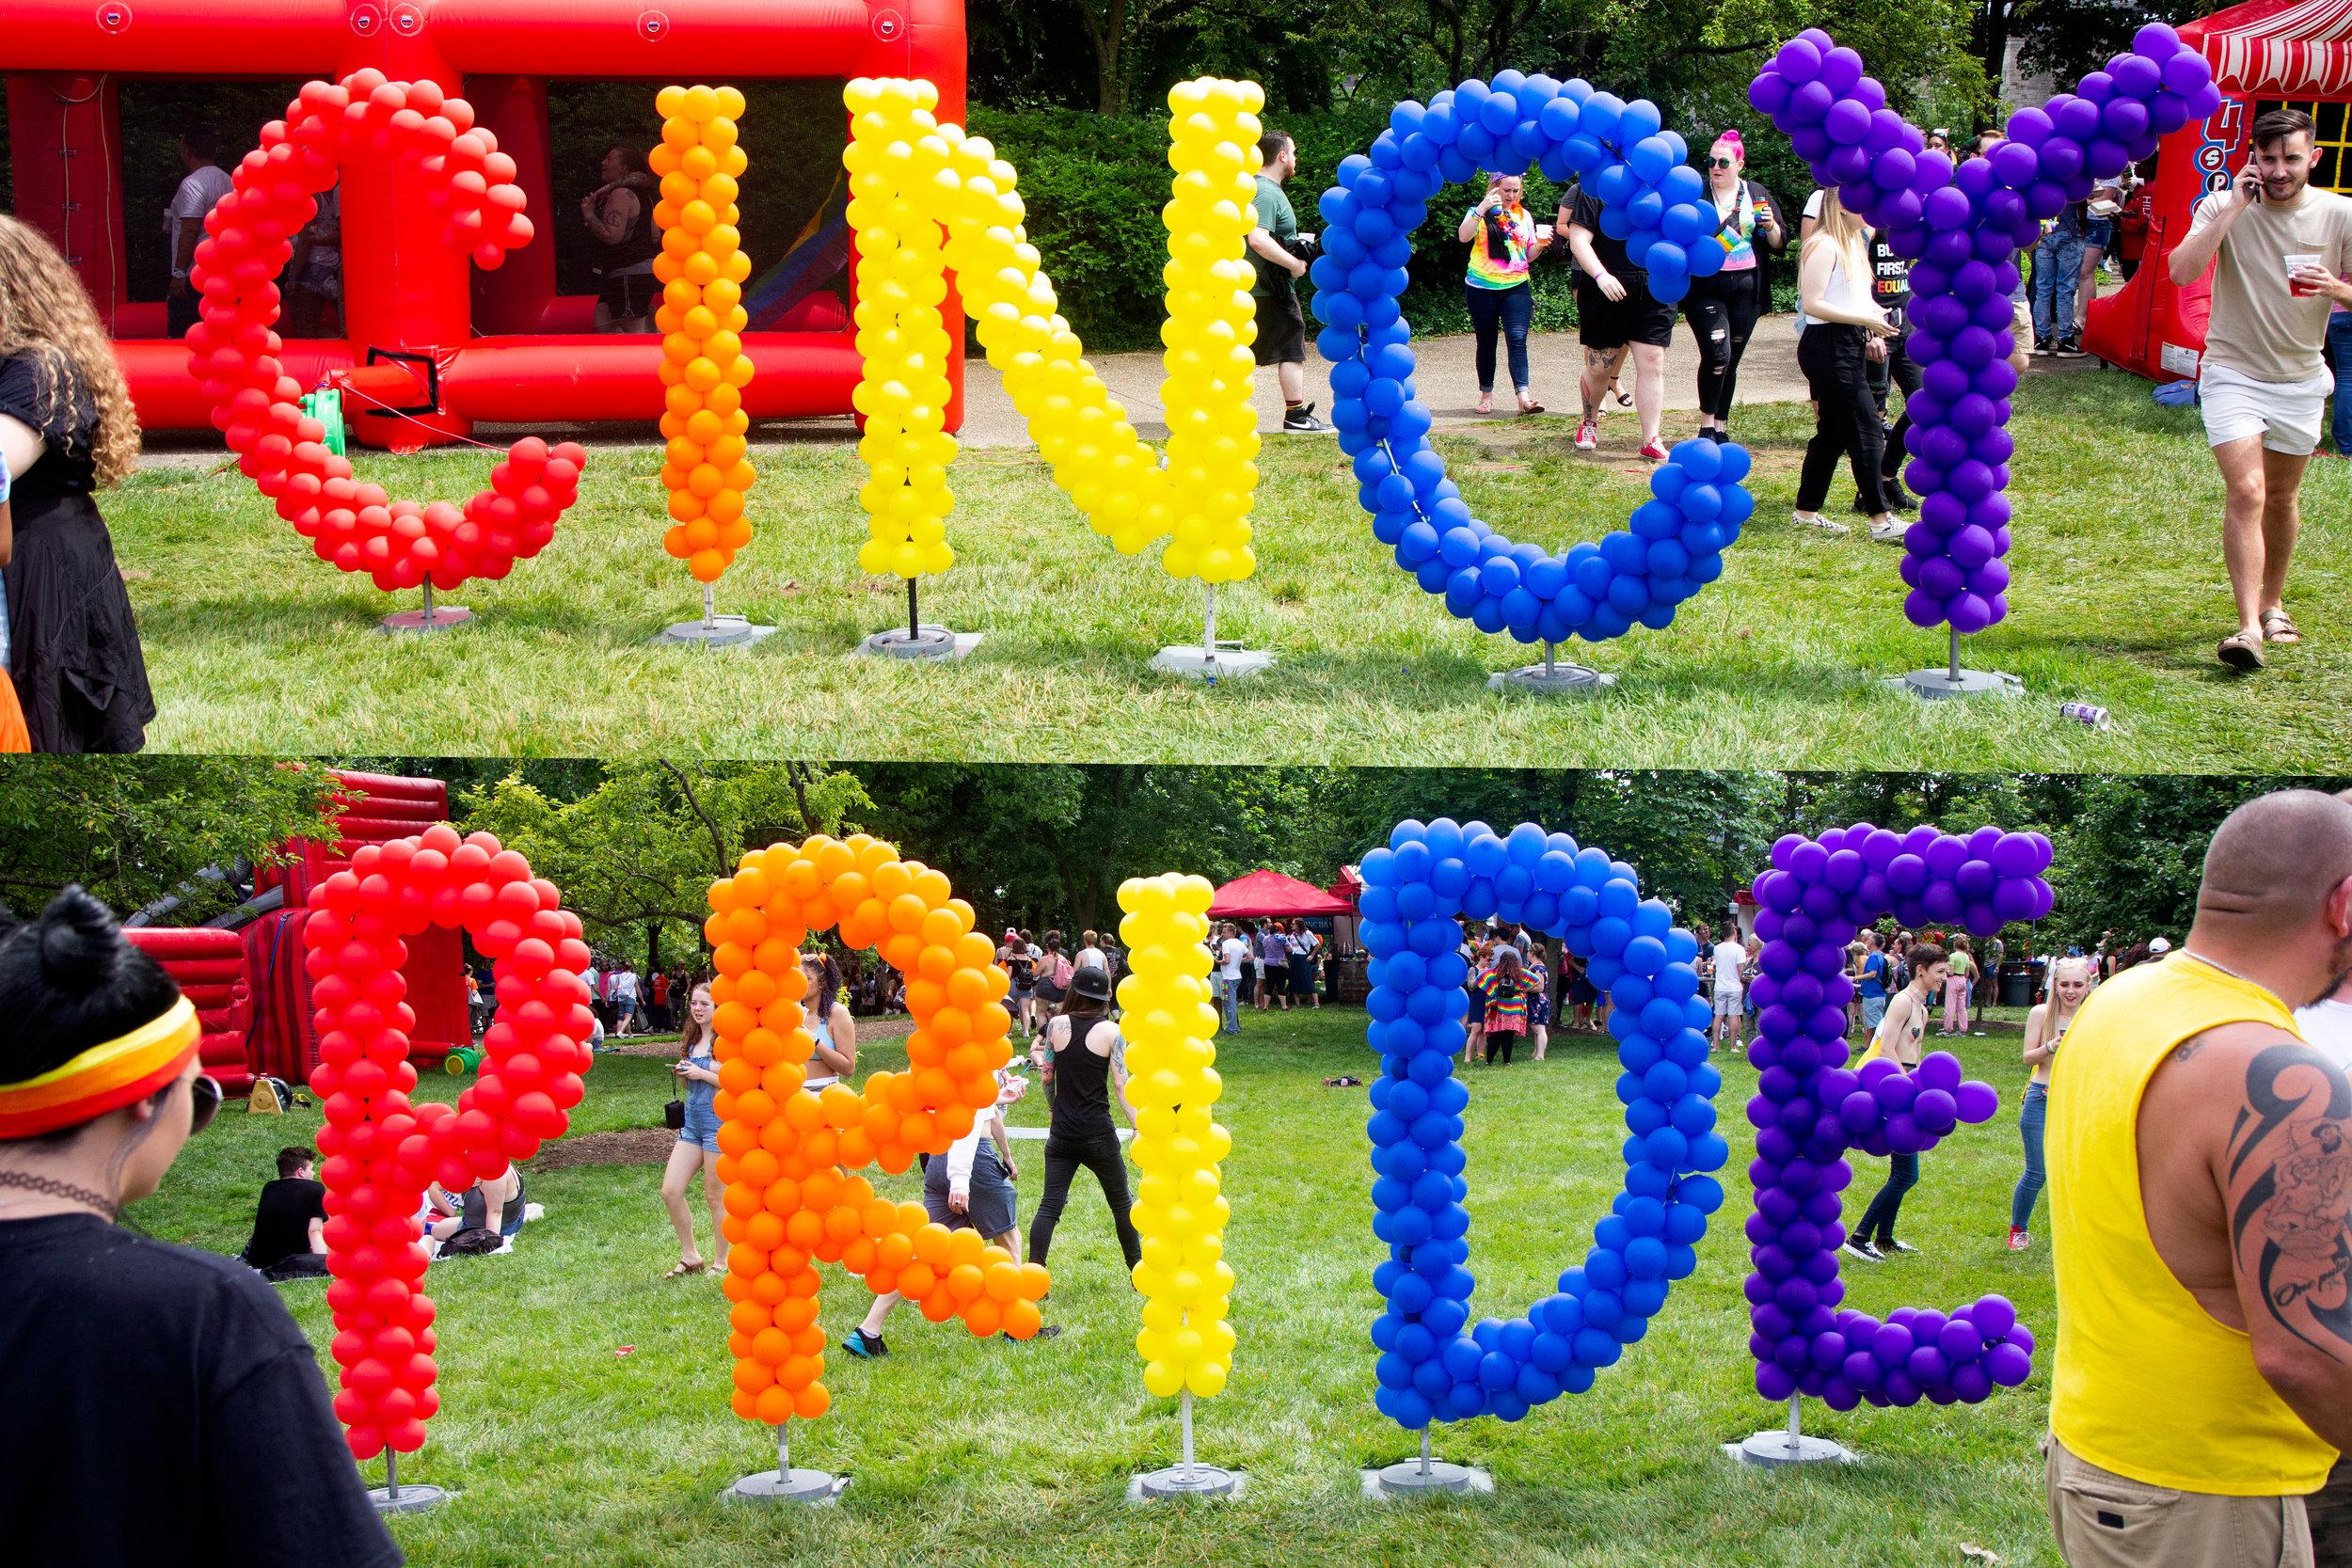 CaseyMillerPhoto - Pride Best - 2019 -10.jpg